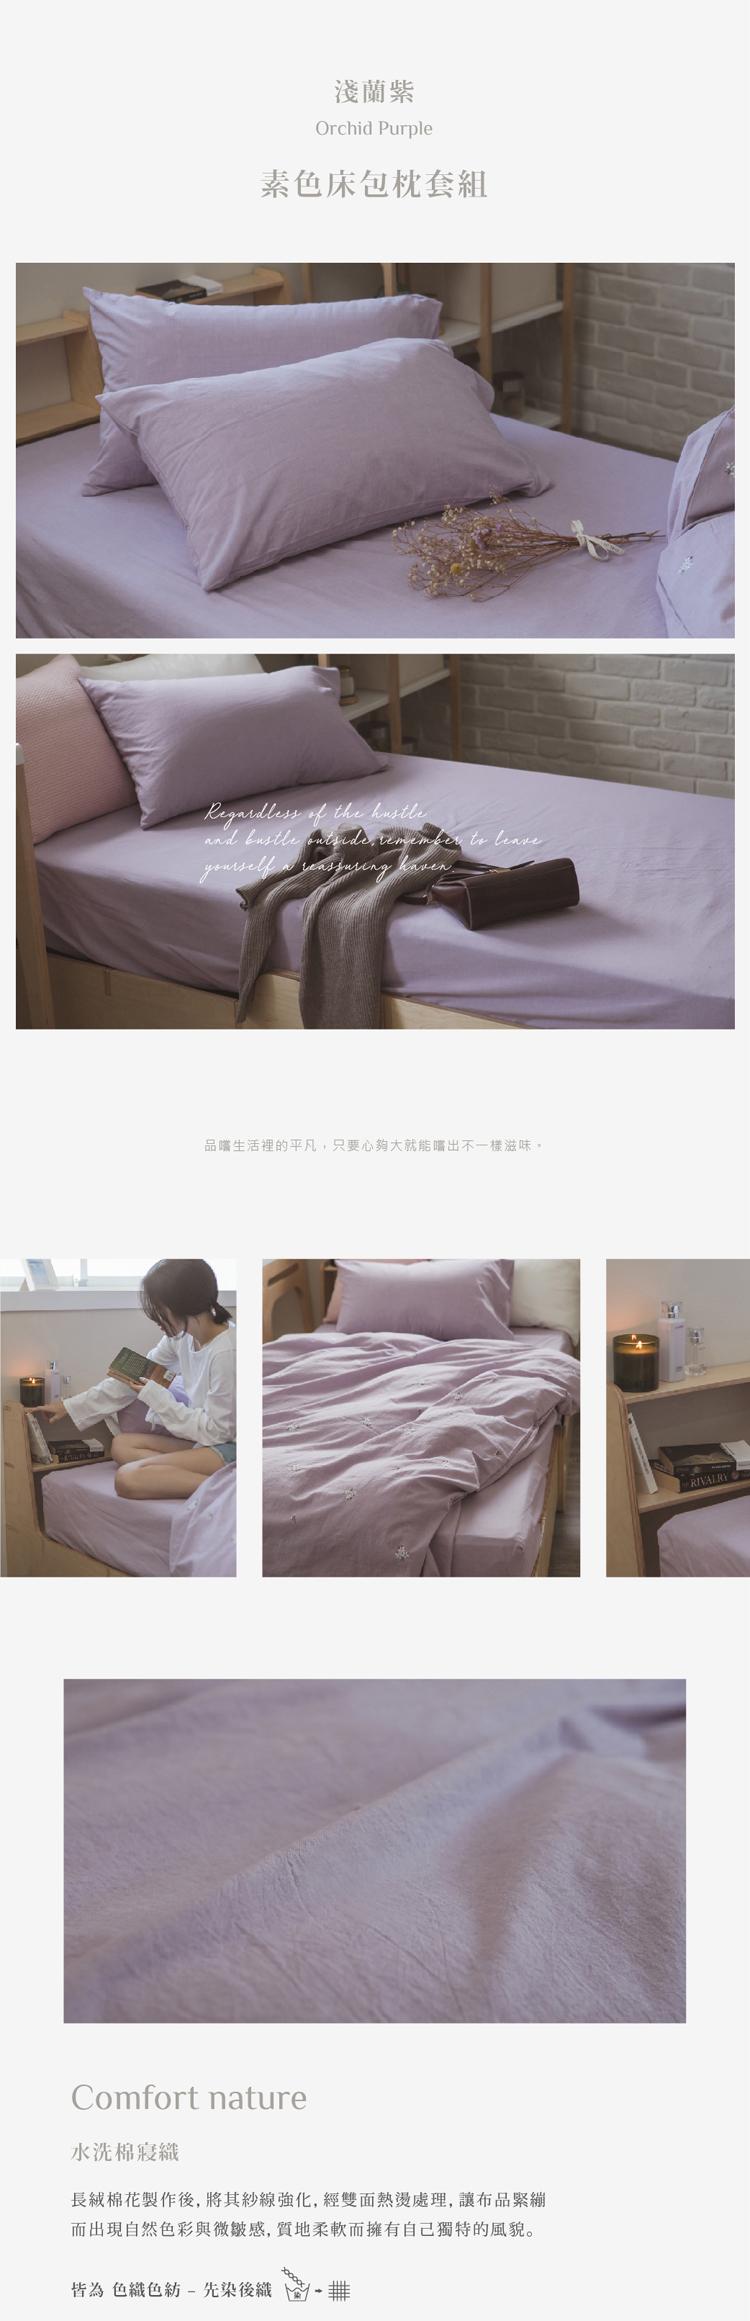 純棉床包,長絨棉床包,長絨棉床單